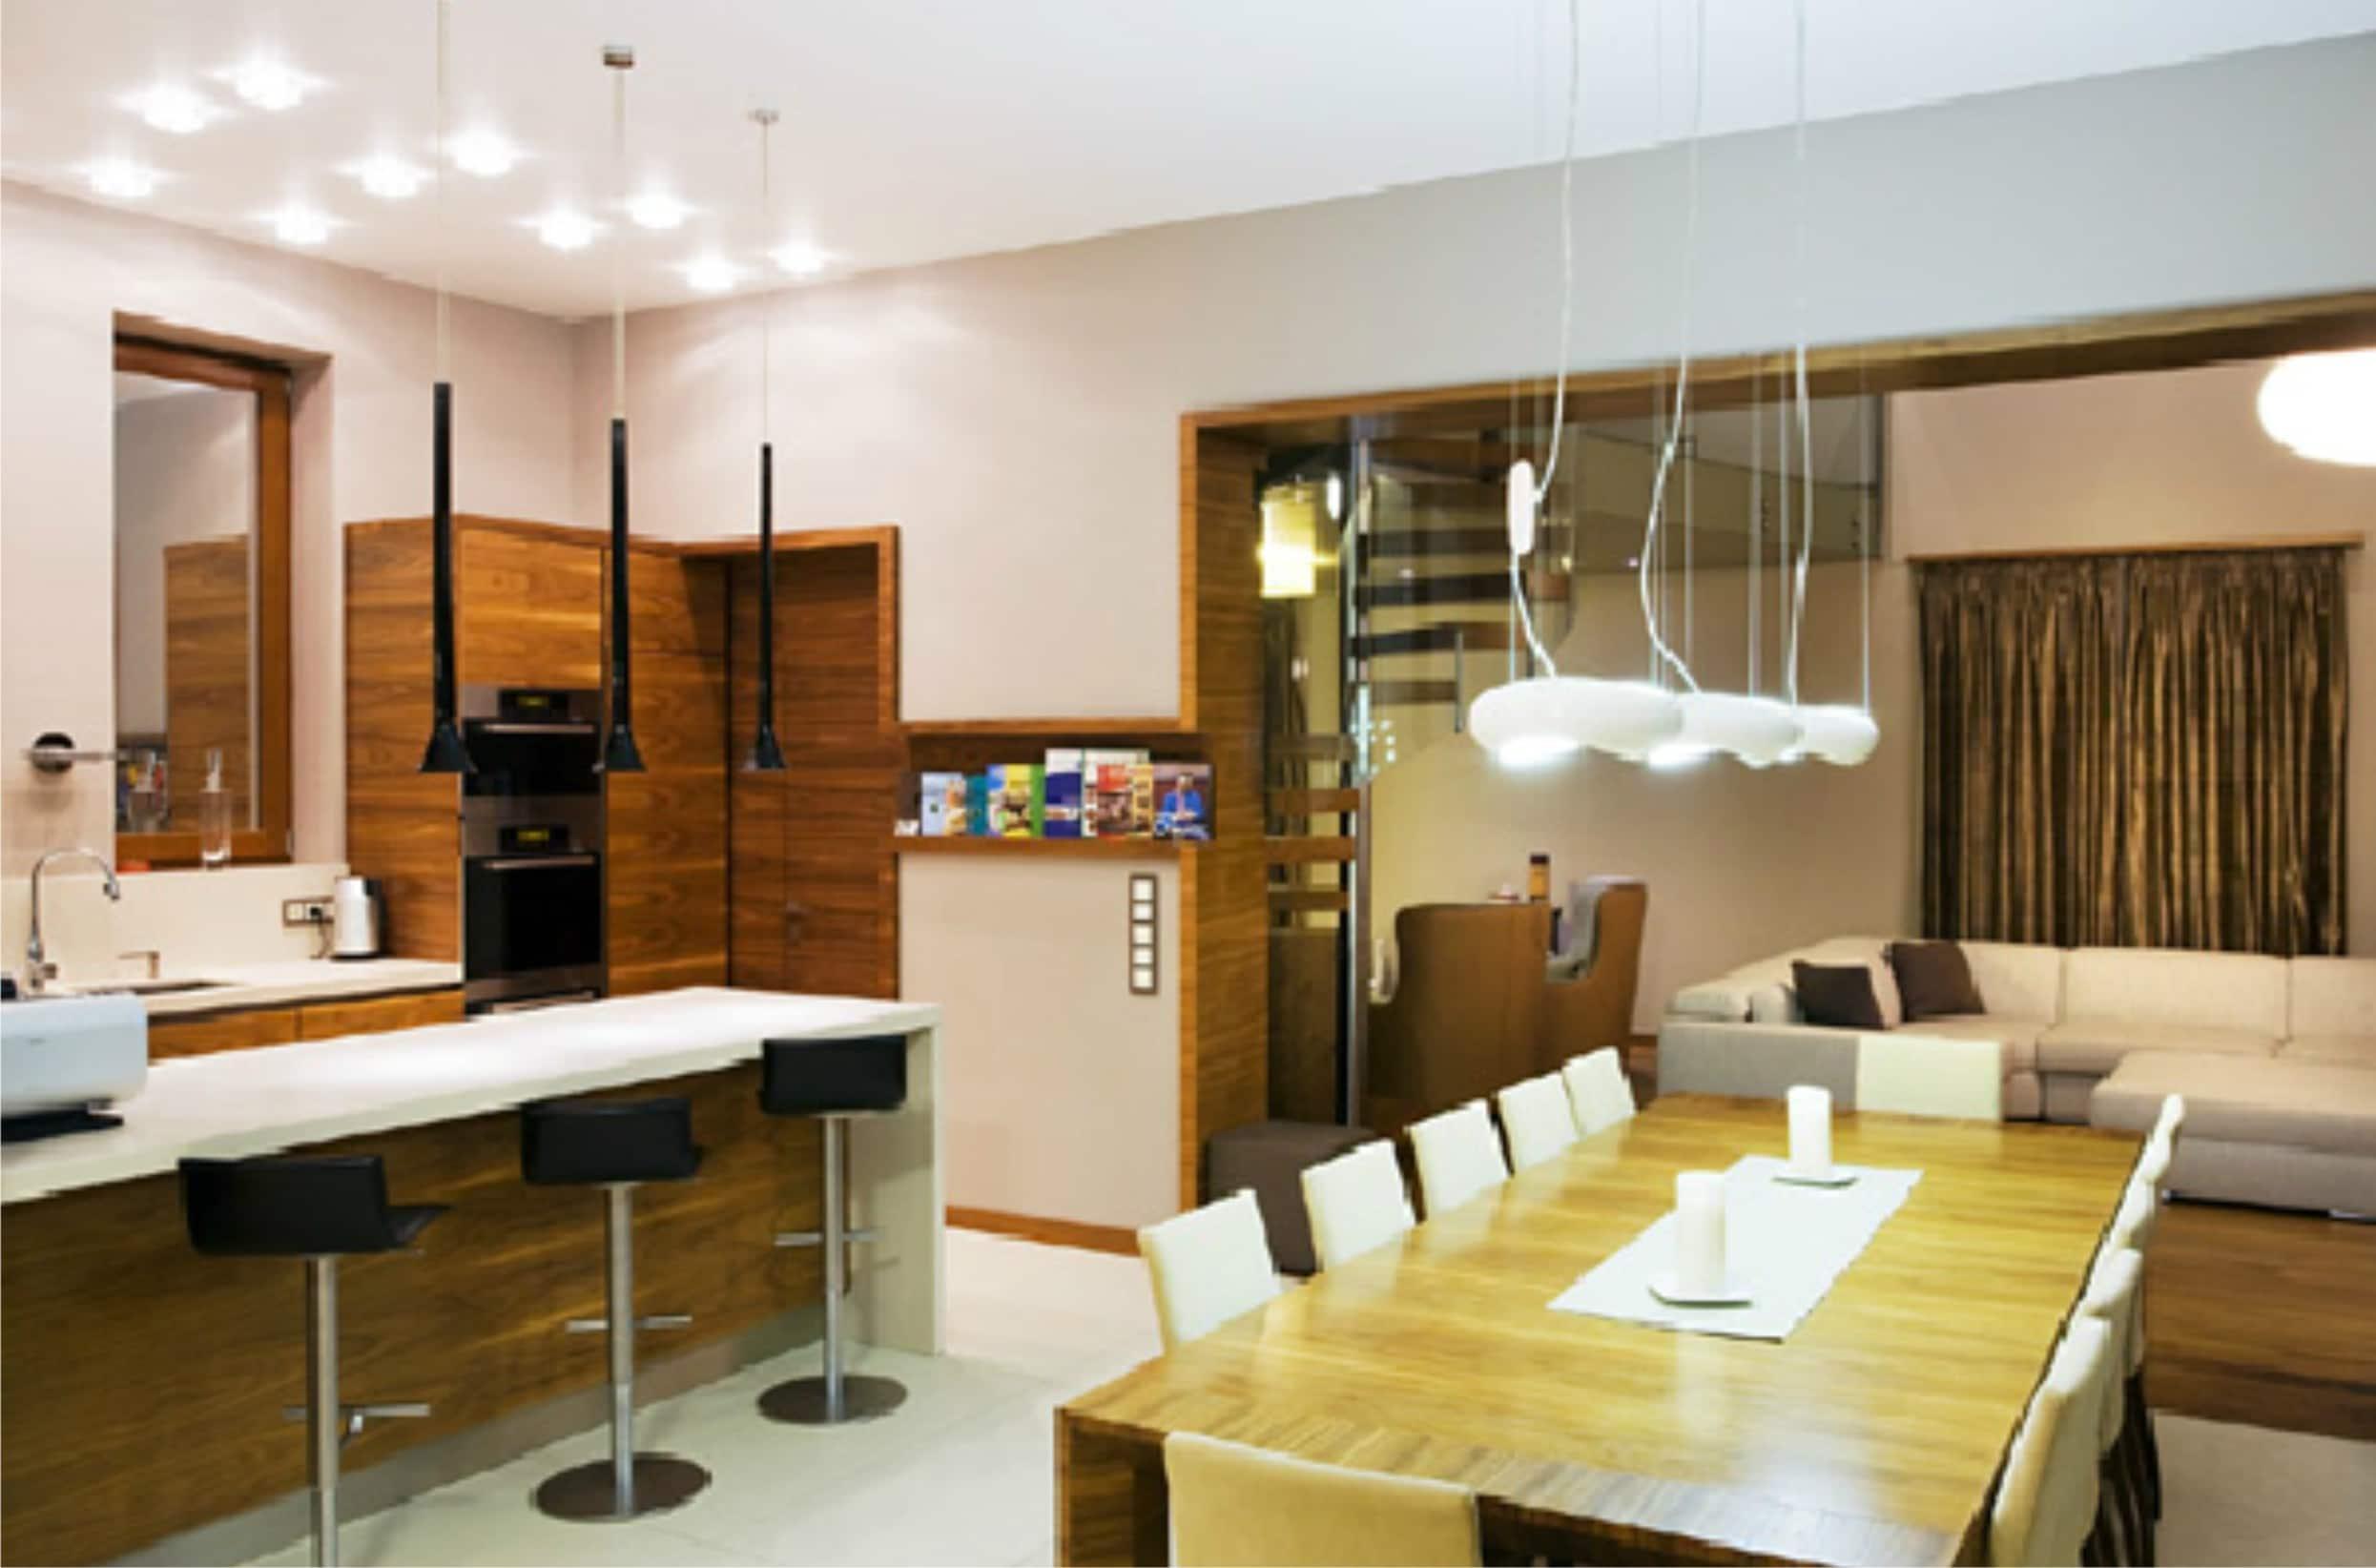 Konyha - étkező - nappali